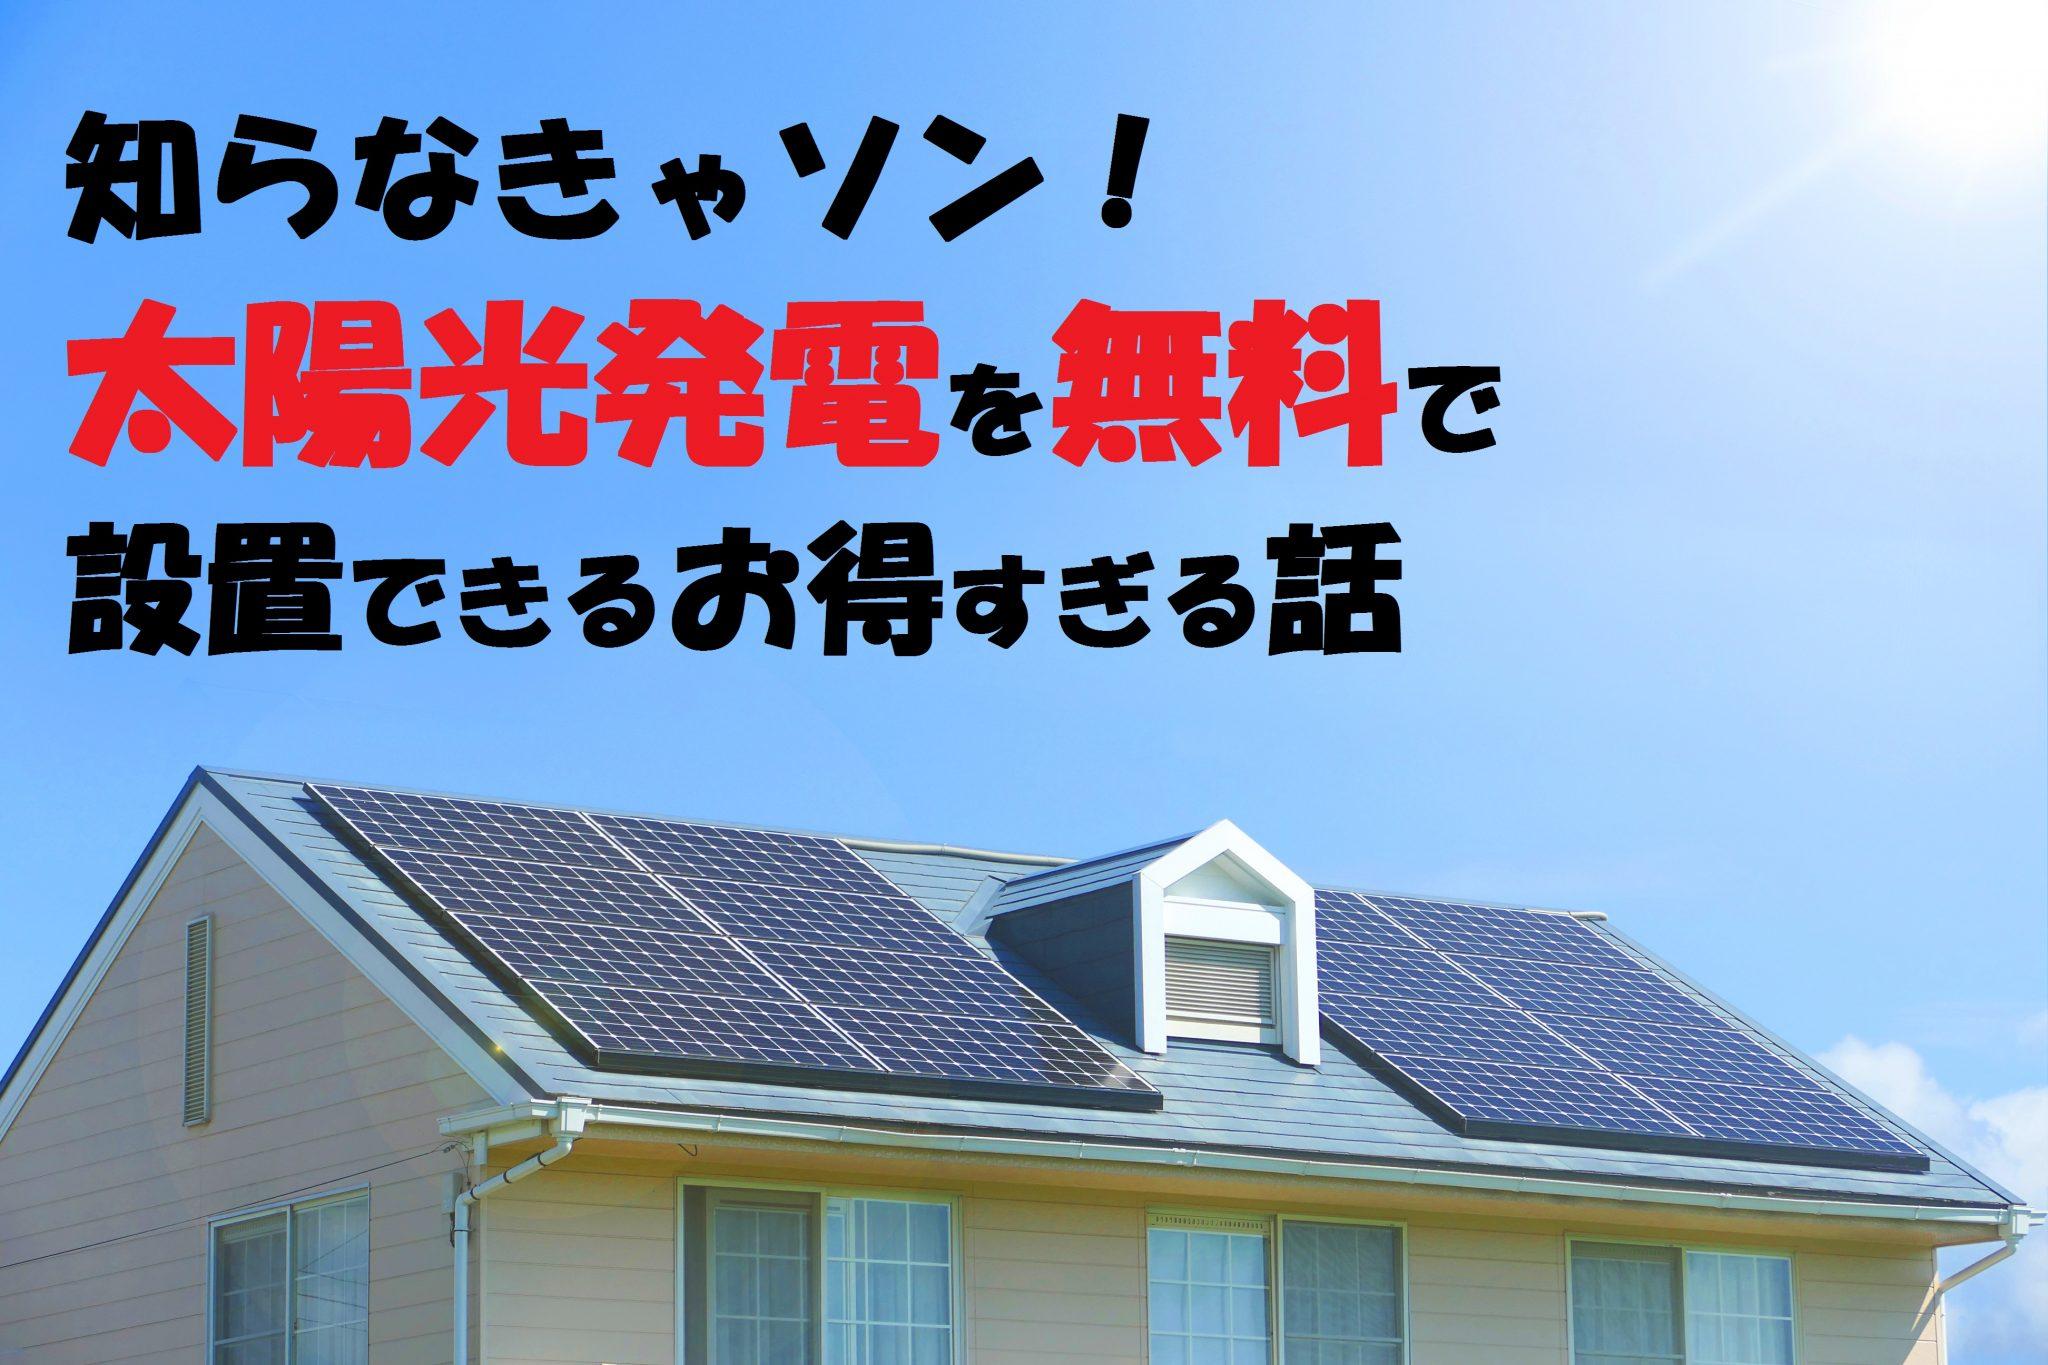 《徳島市/吉本商事》知らなきゃソン! 太陽光発電を無料で設置できるお得すぎる話 フリーソーラープロジェクト